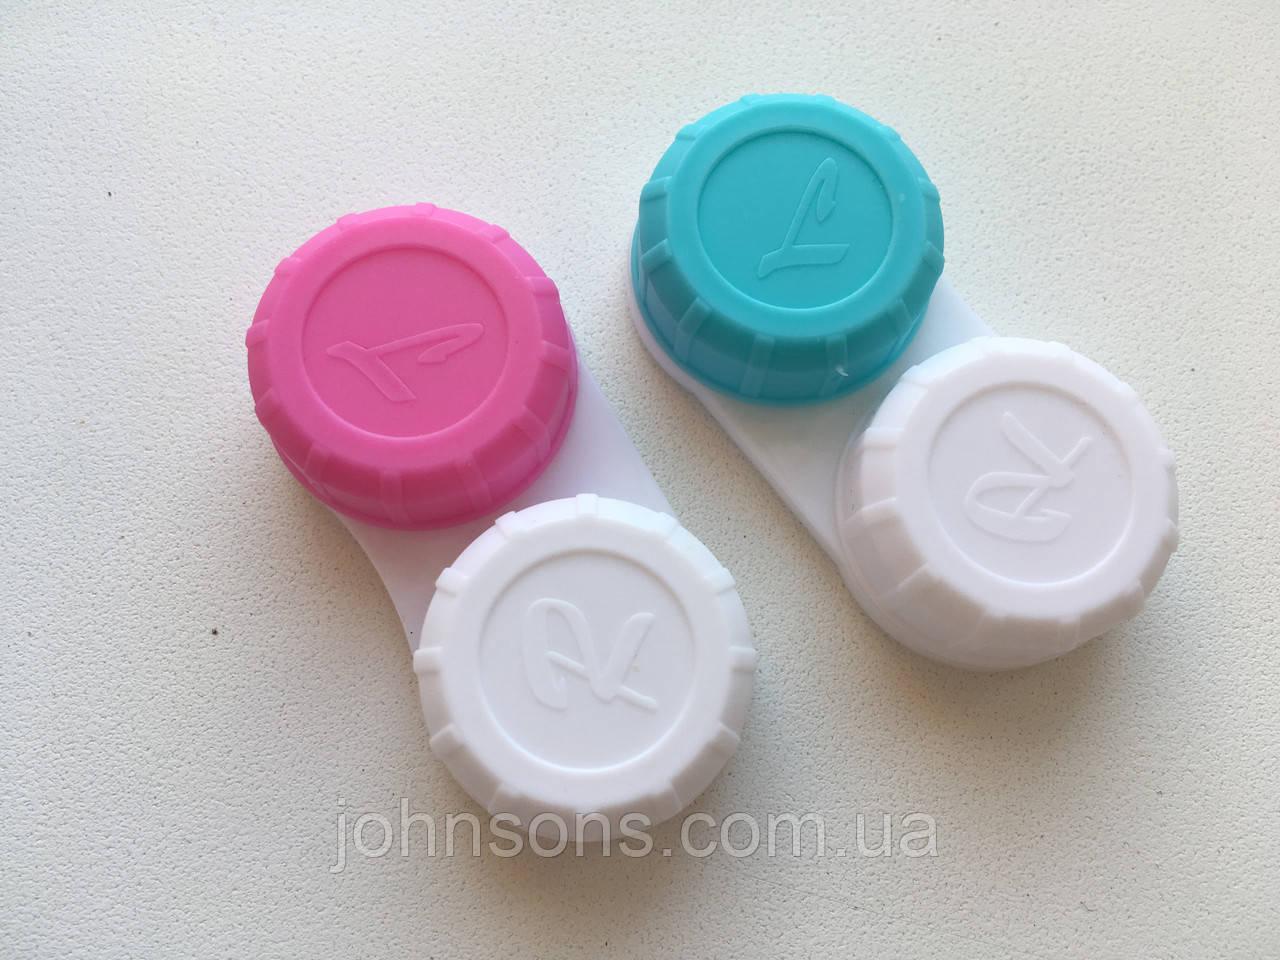 Контейнер для контактных линз белый с голубым